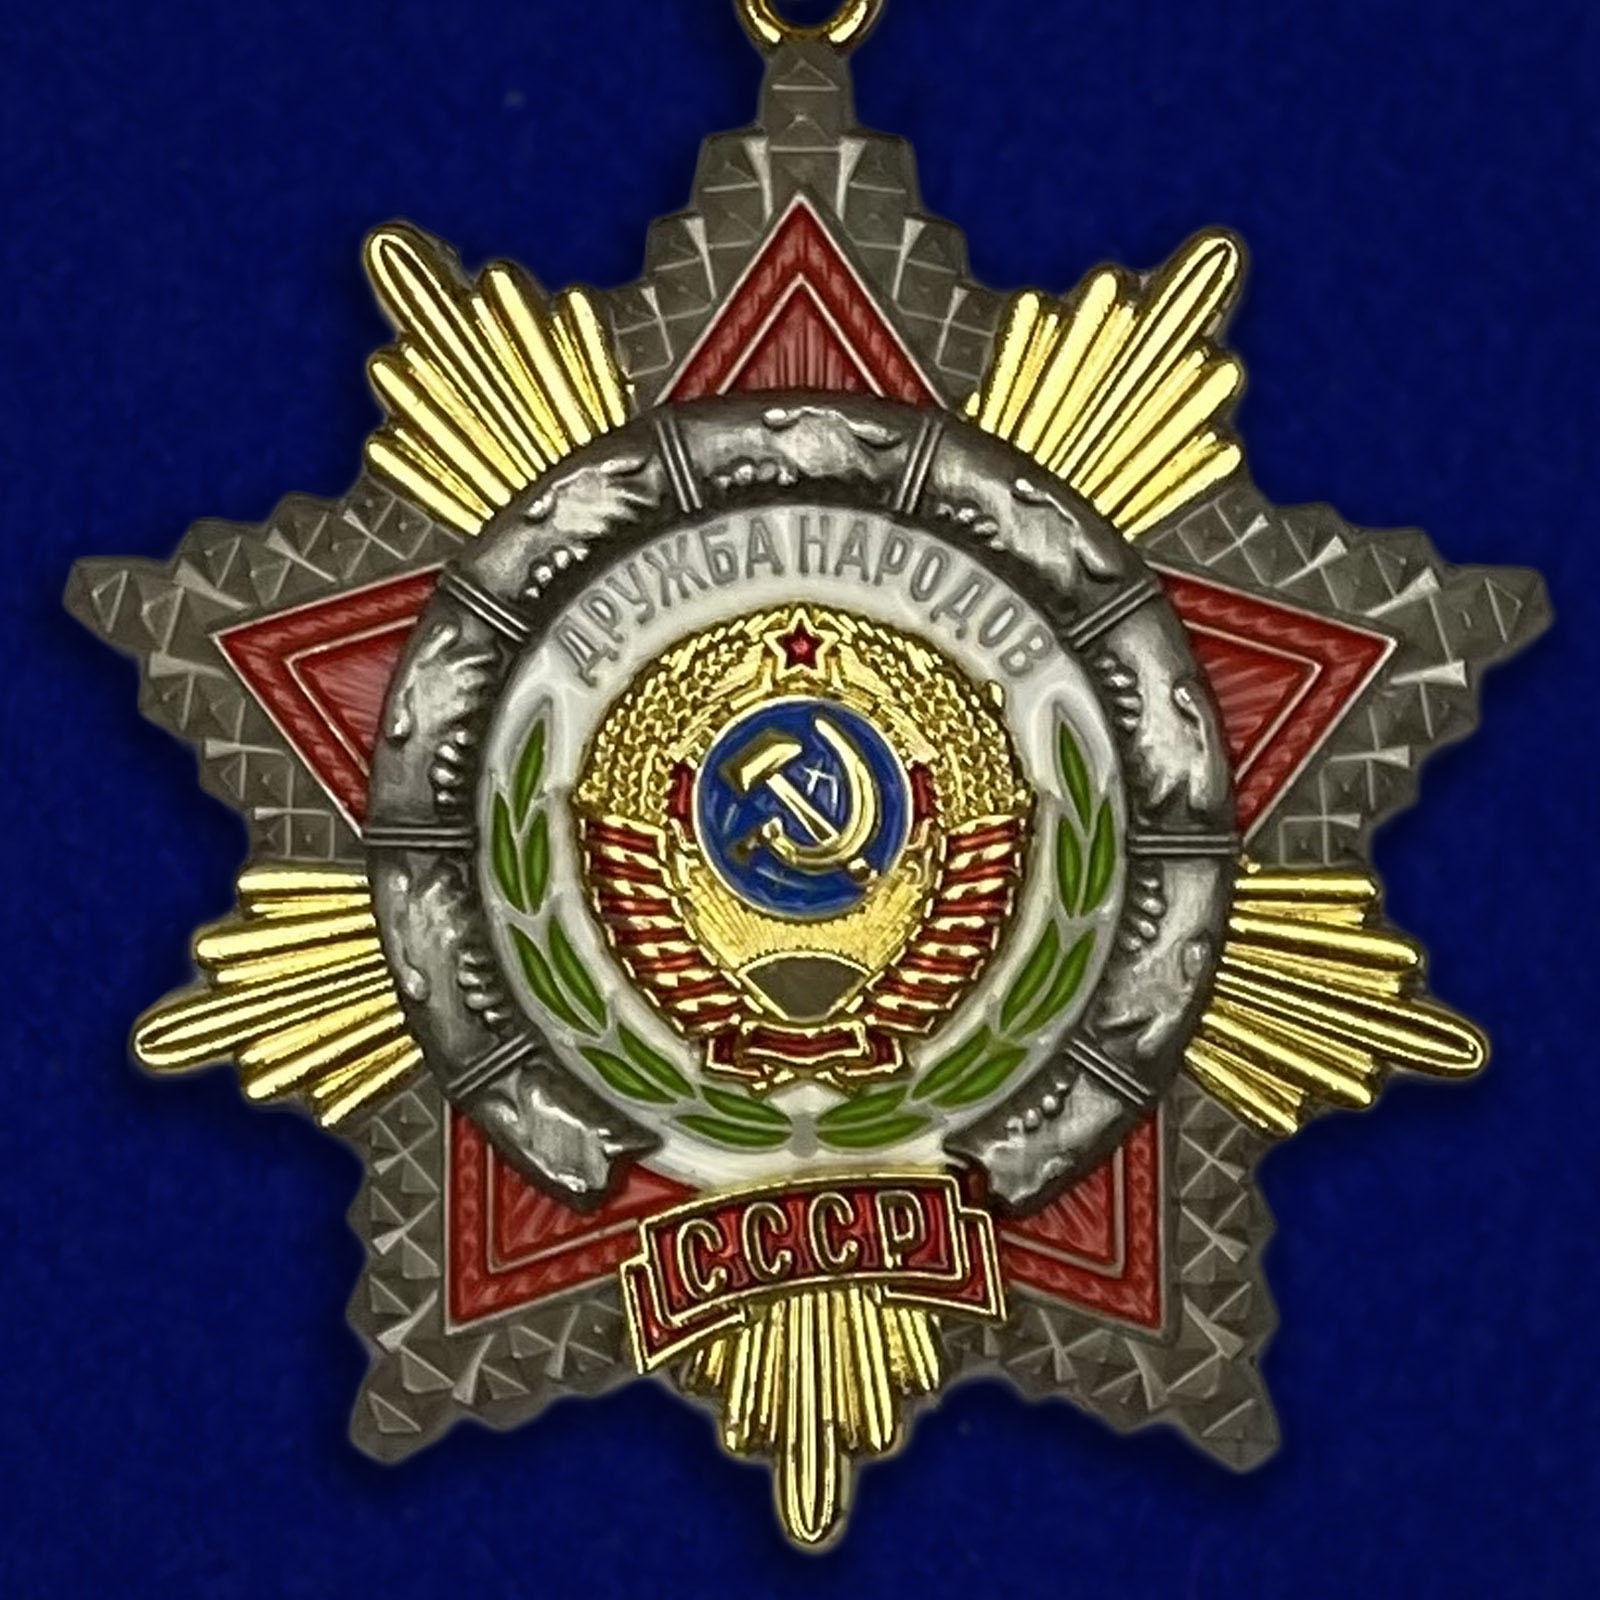 Описание ордена Дружбы народов СССР - аверс